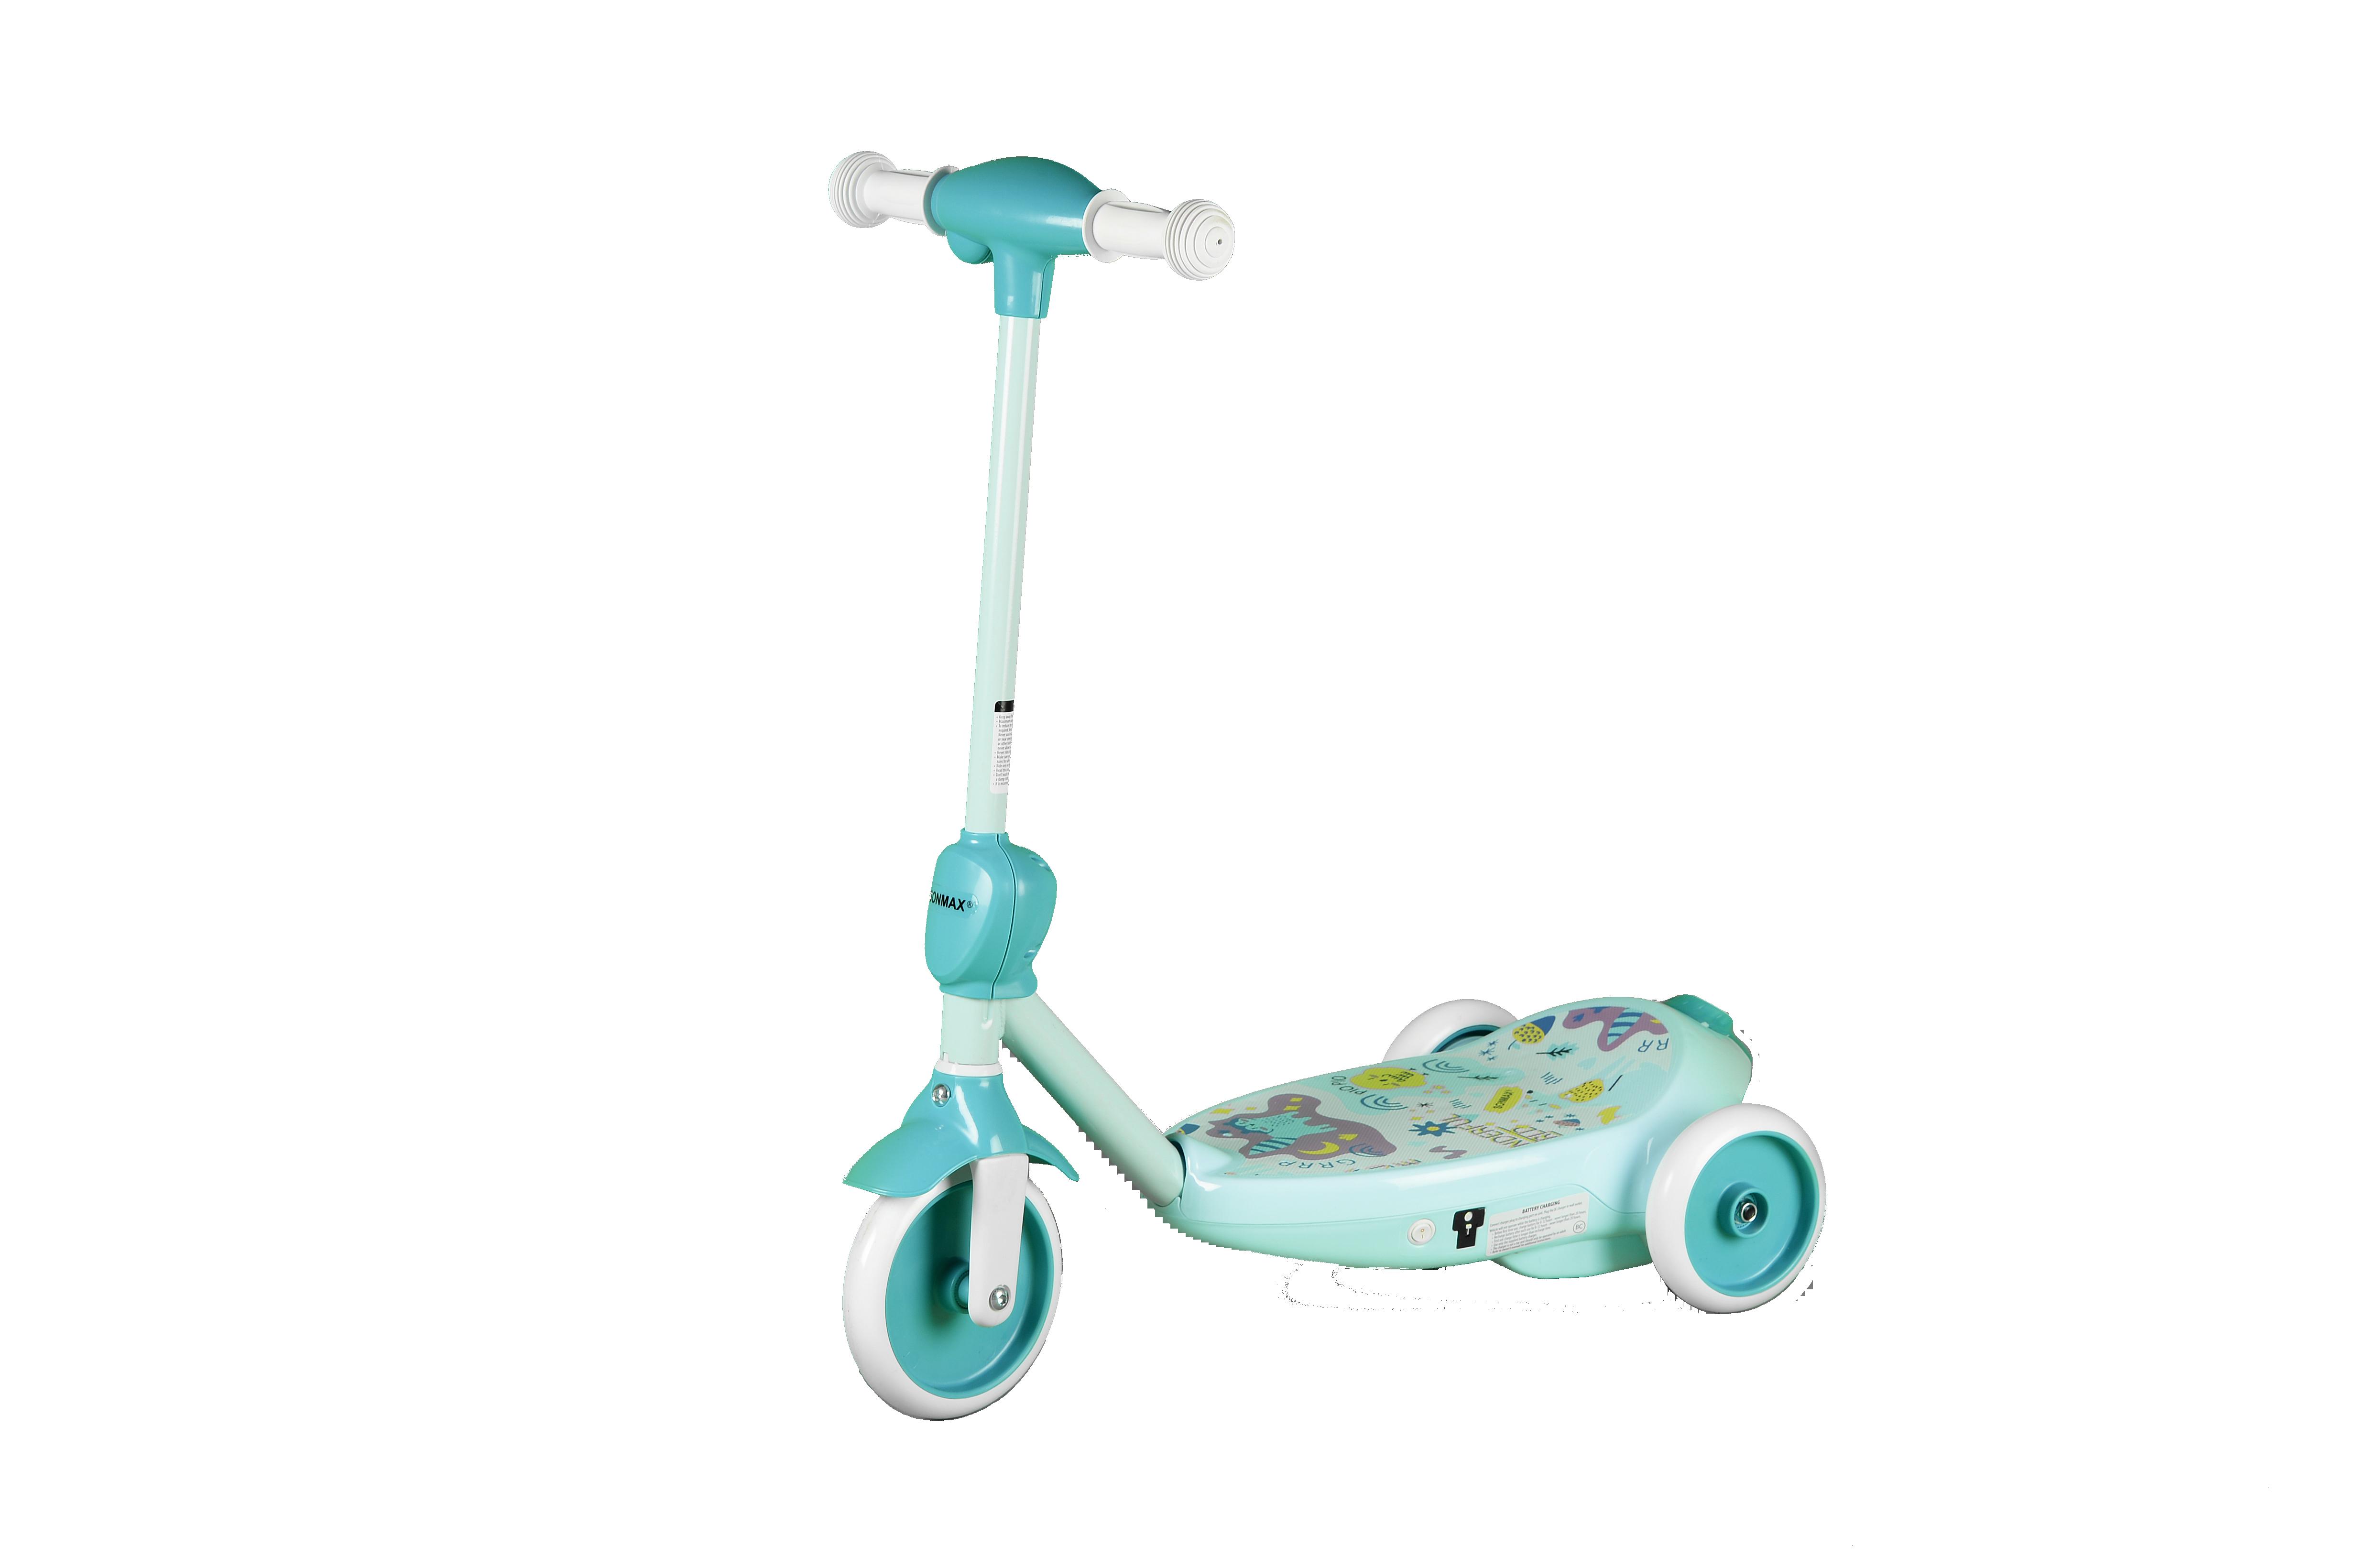 Купить Электросамокат детский SONMAX с мыльными пузырями, голубой, Самокаты детские трехколесные